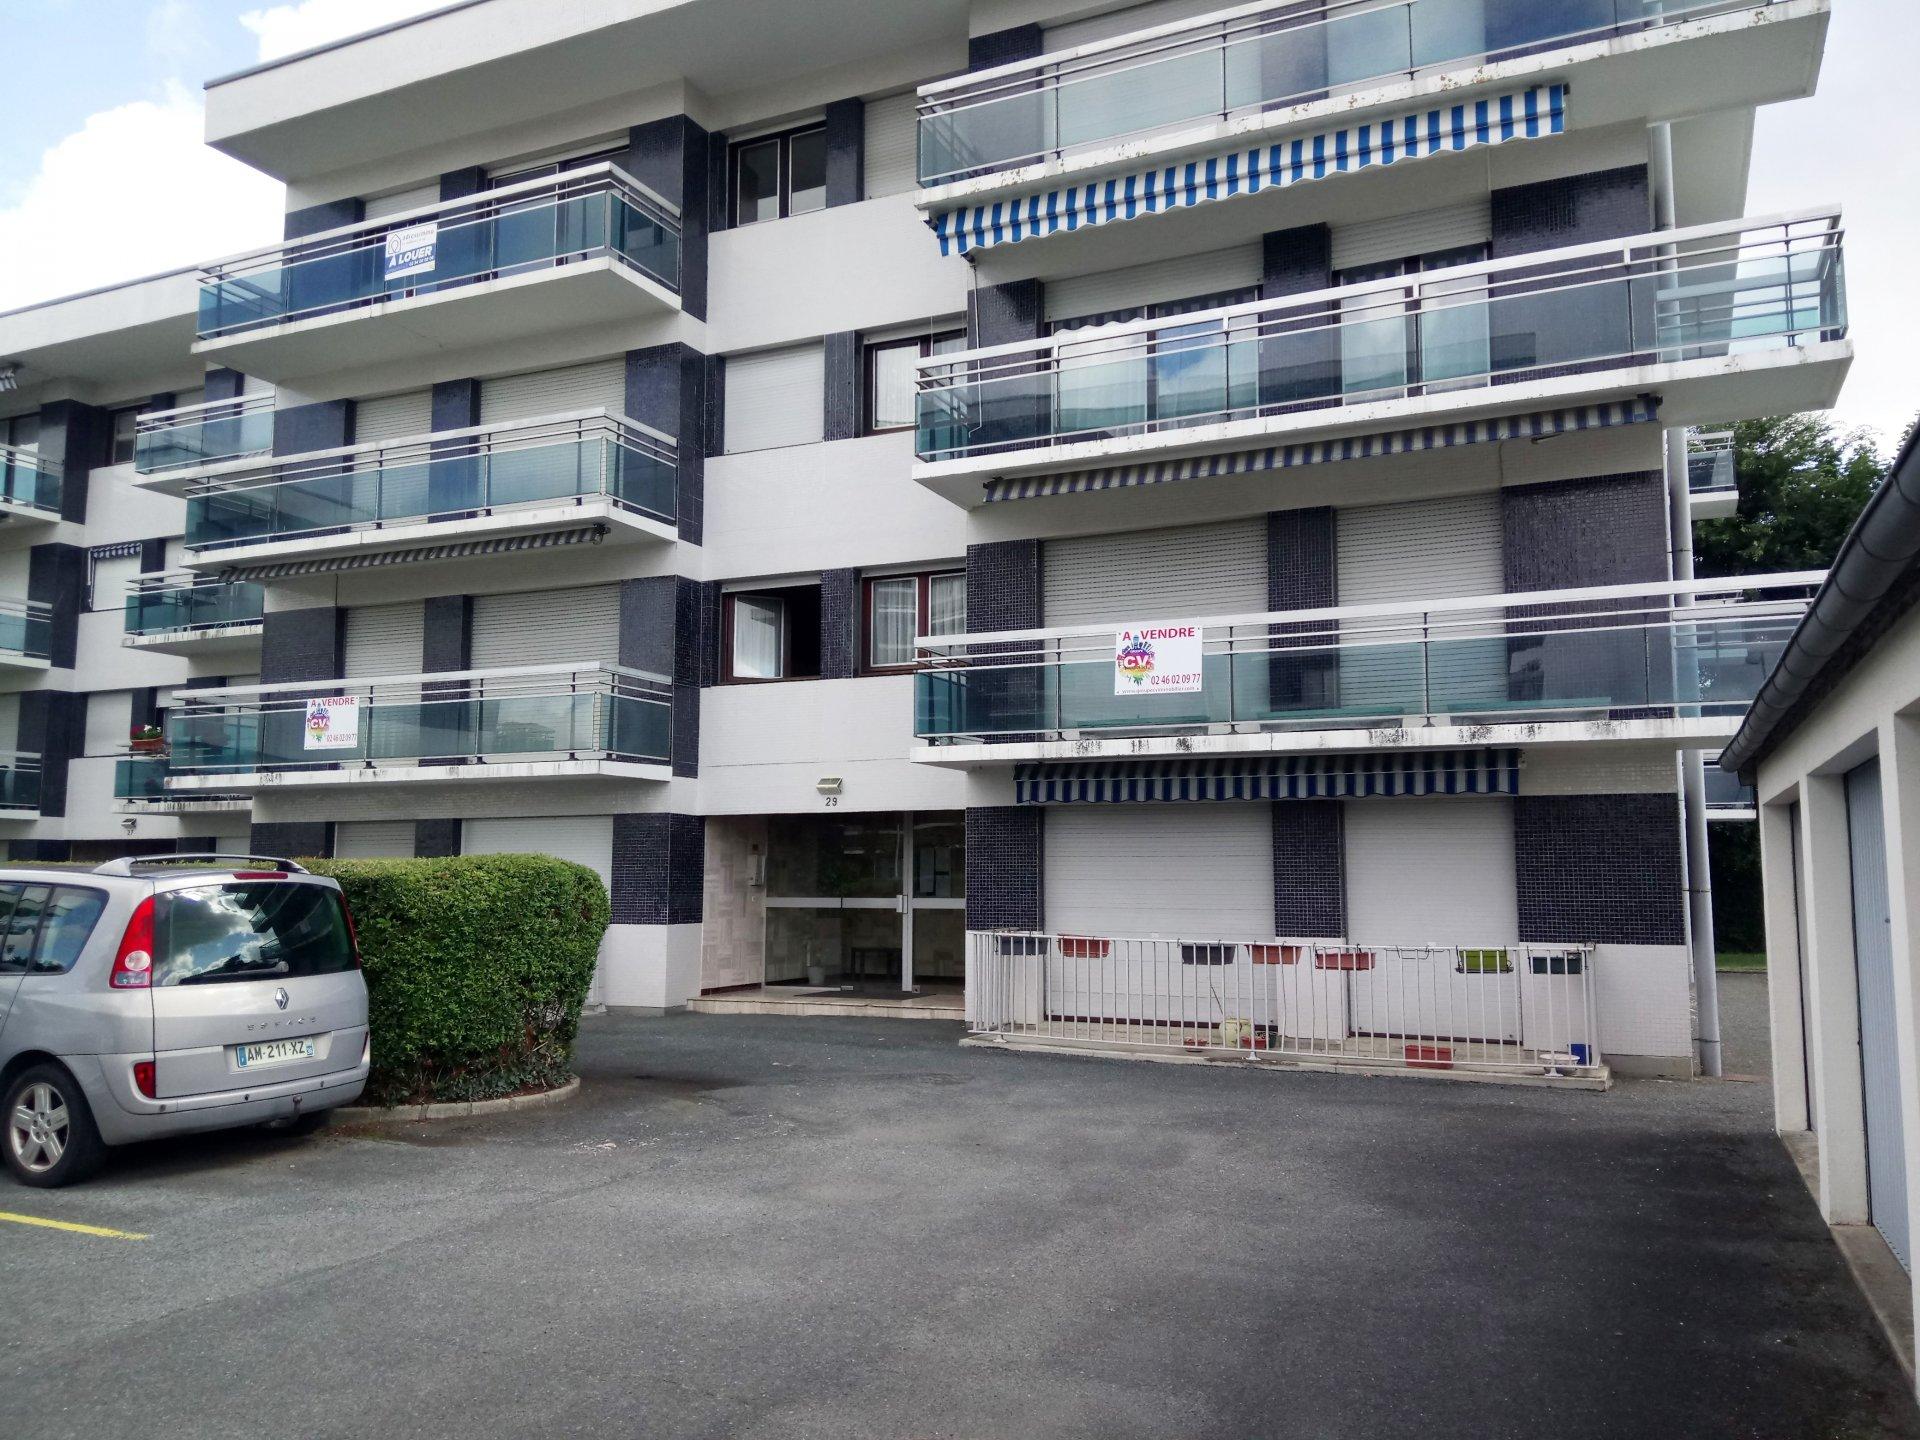 Verkauf Wohnung - Châteauroux